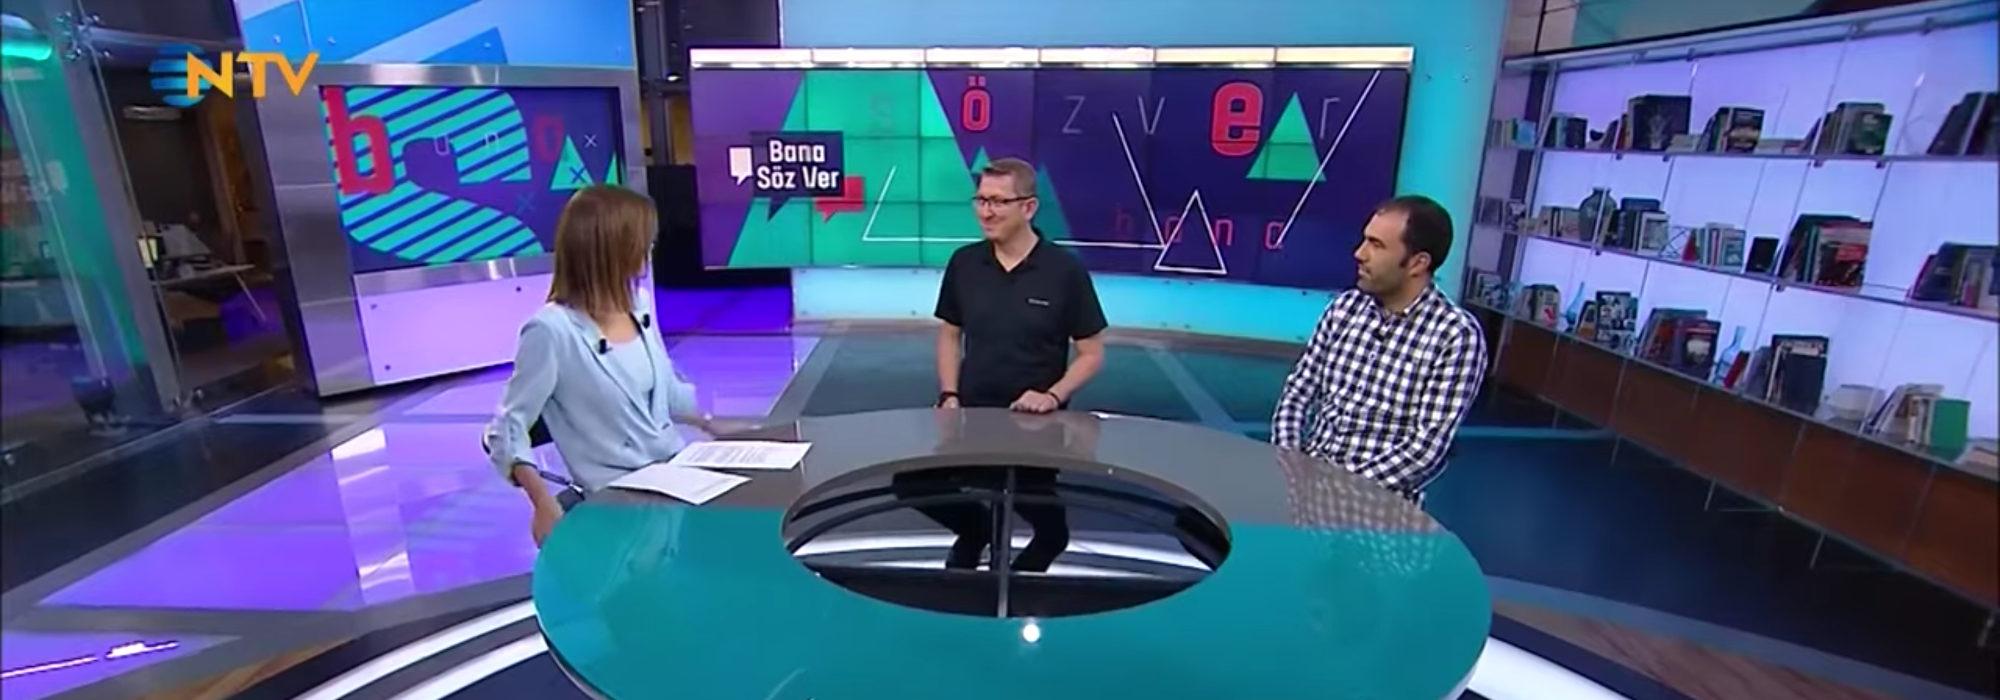 NTV | Simge Fıstıkoğlu Bana Söz Ver